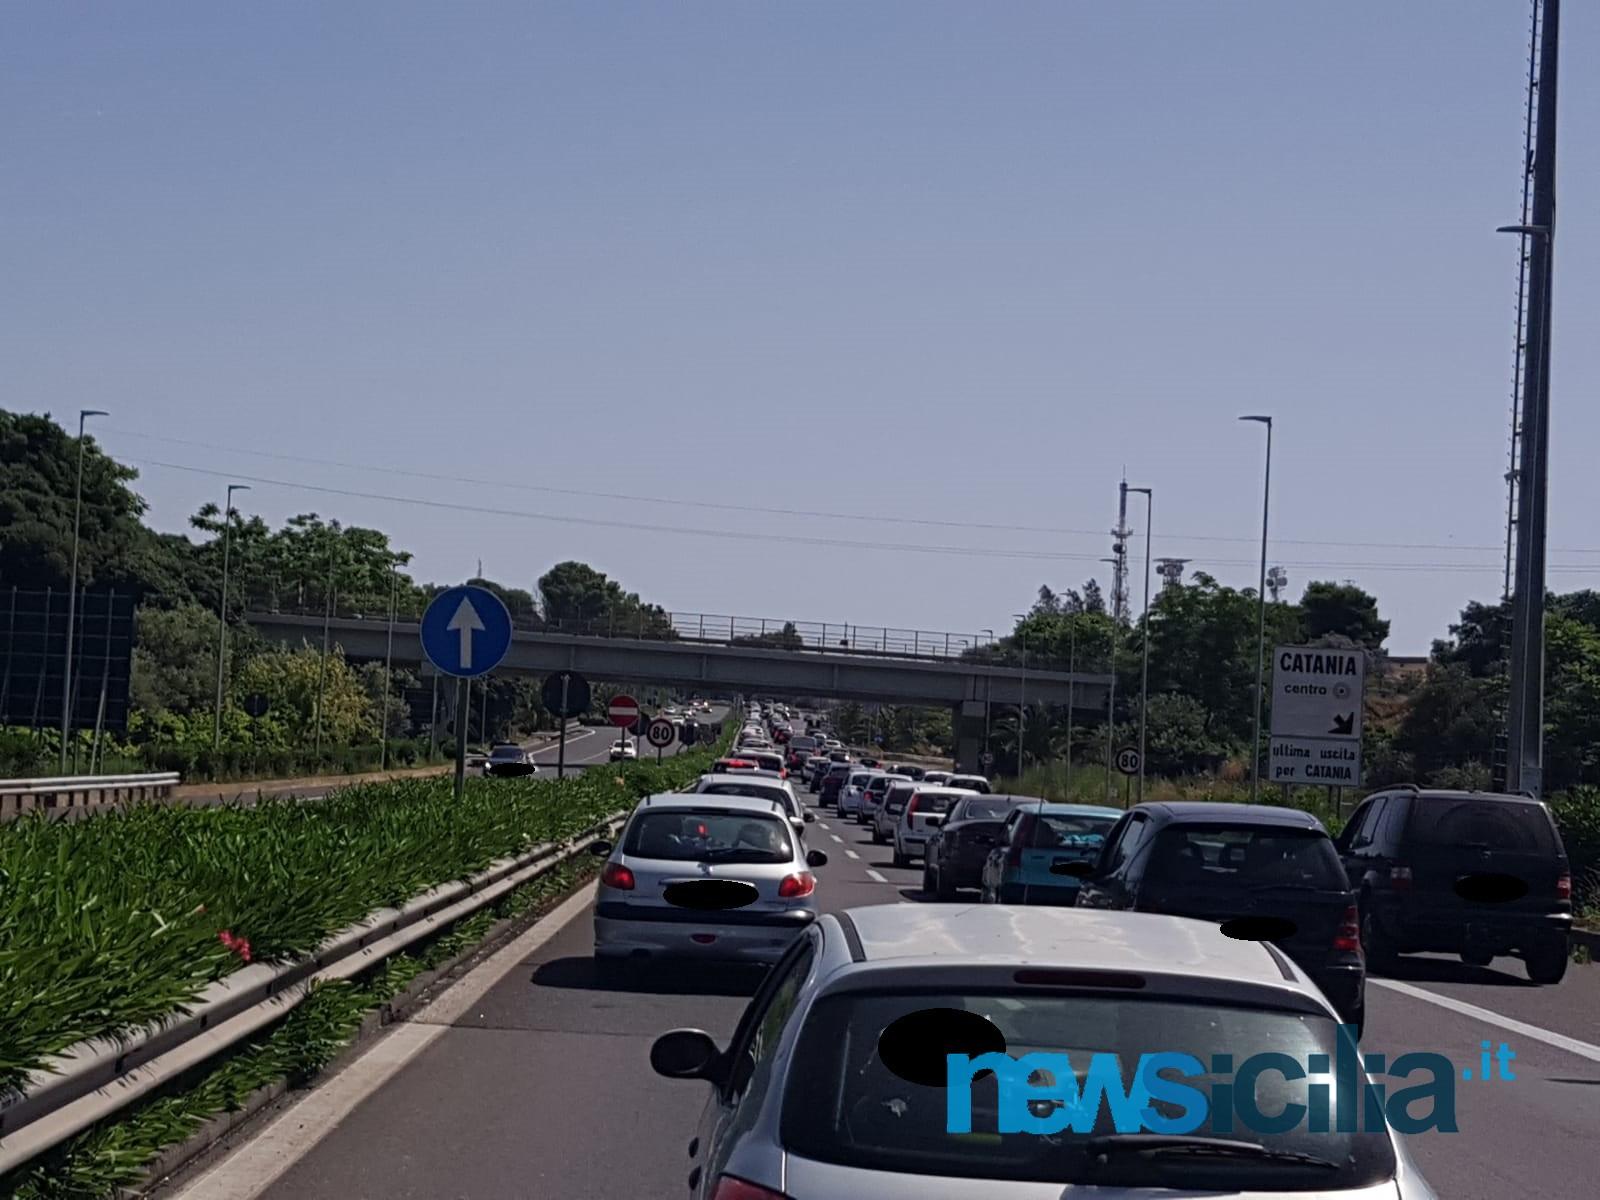 """Assembramento in autostrada, auto incolonnate: i catanesi """"fuggono"""" al mare – Le FOTO"""